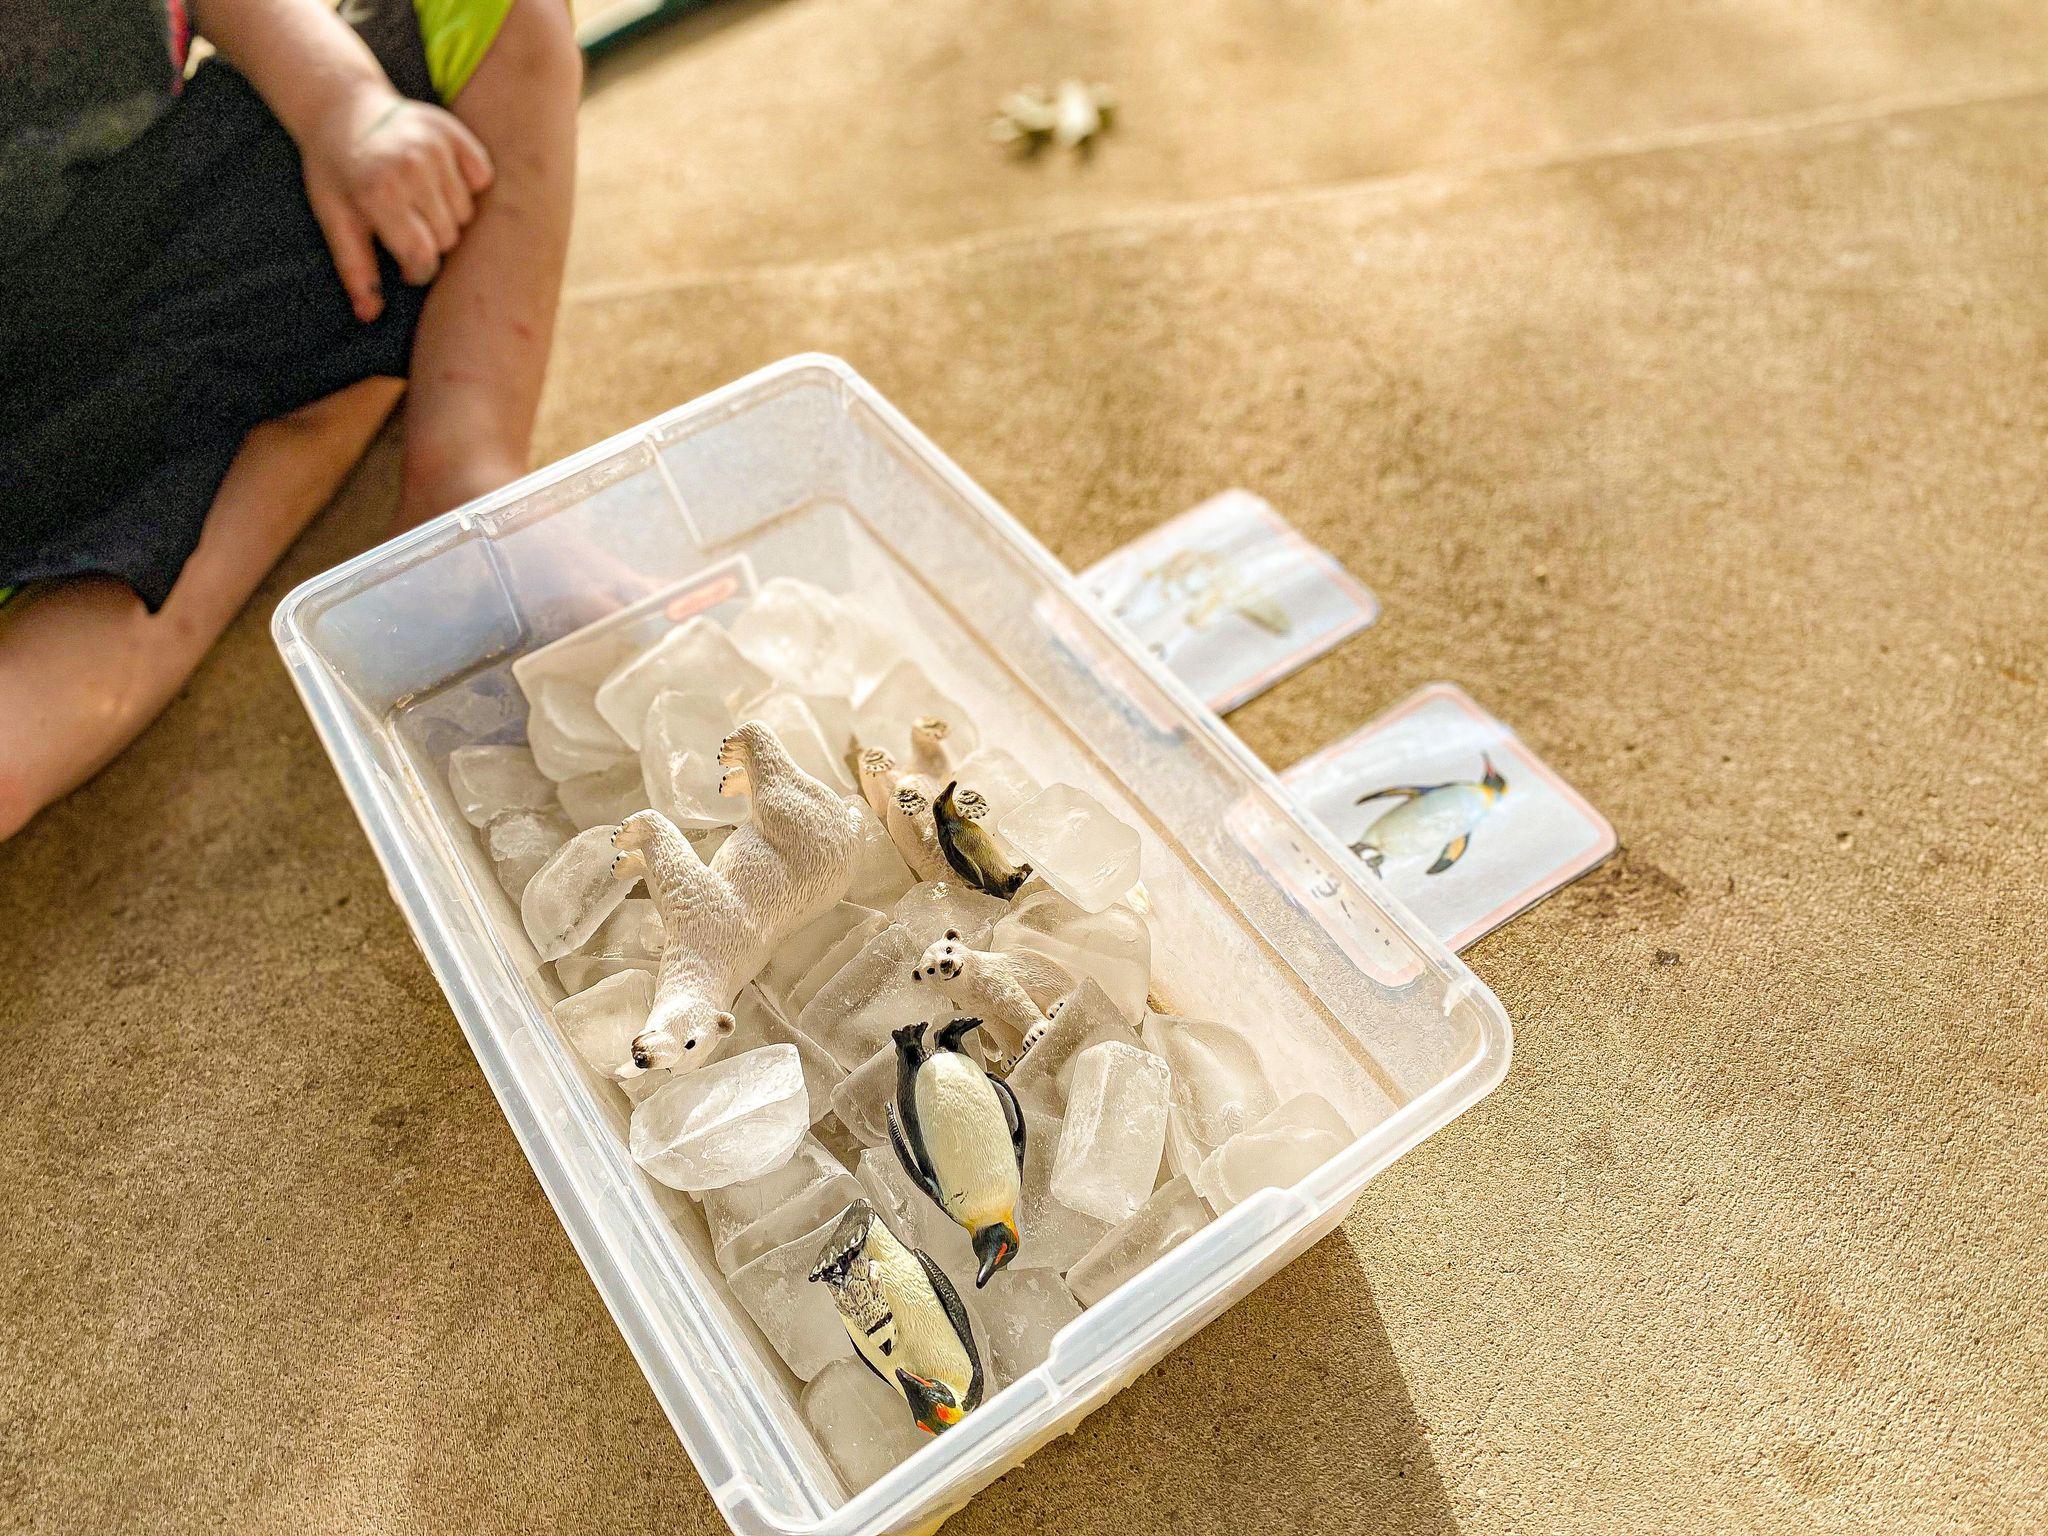 Arctic Sensory Bin Activity for Preschoolers